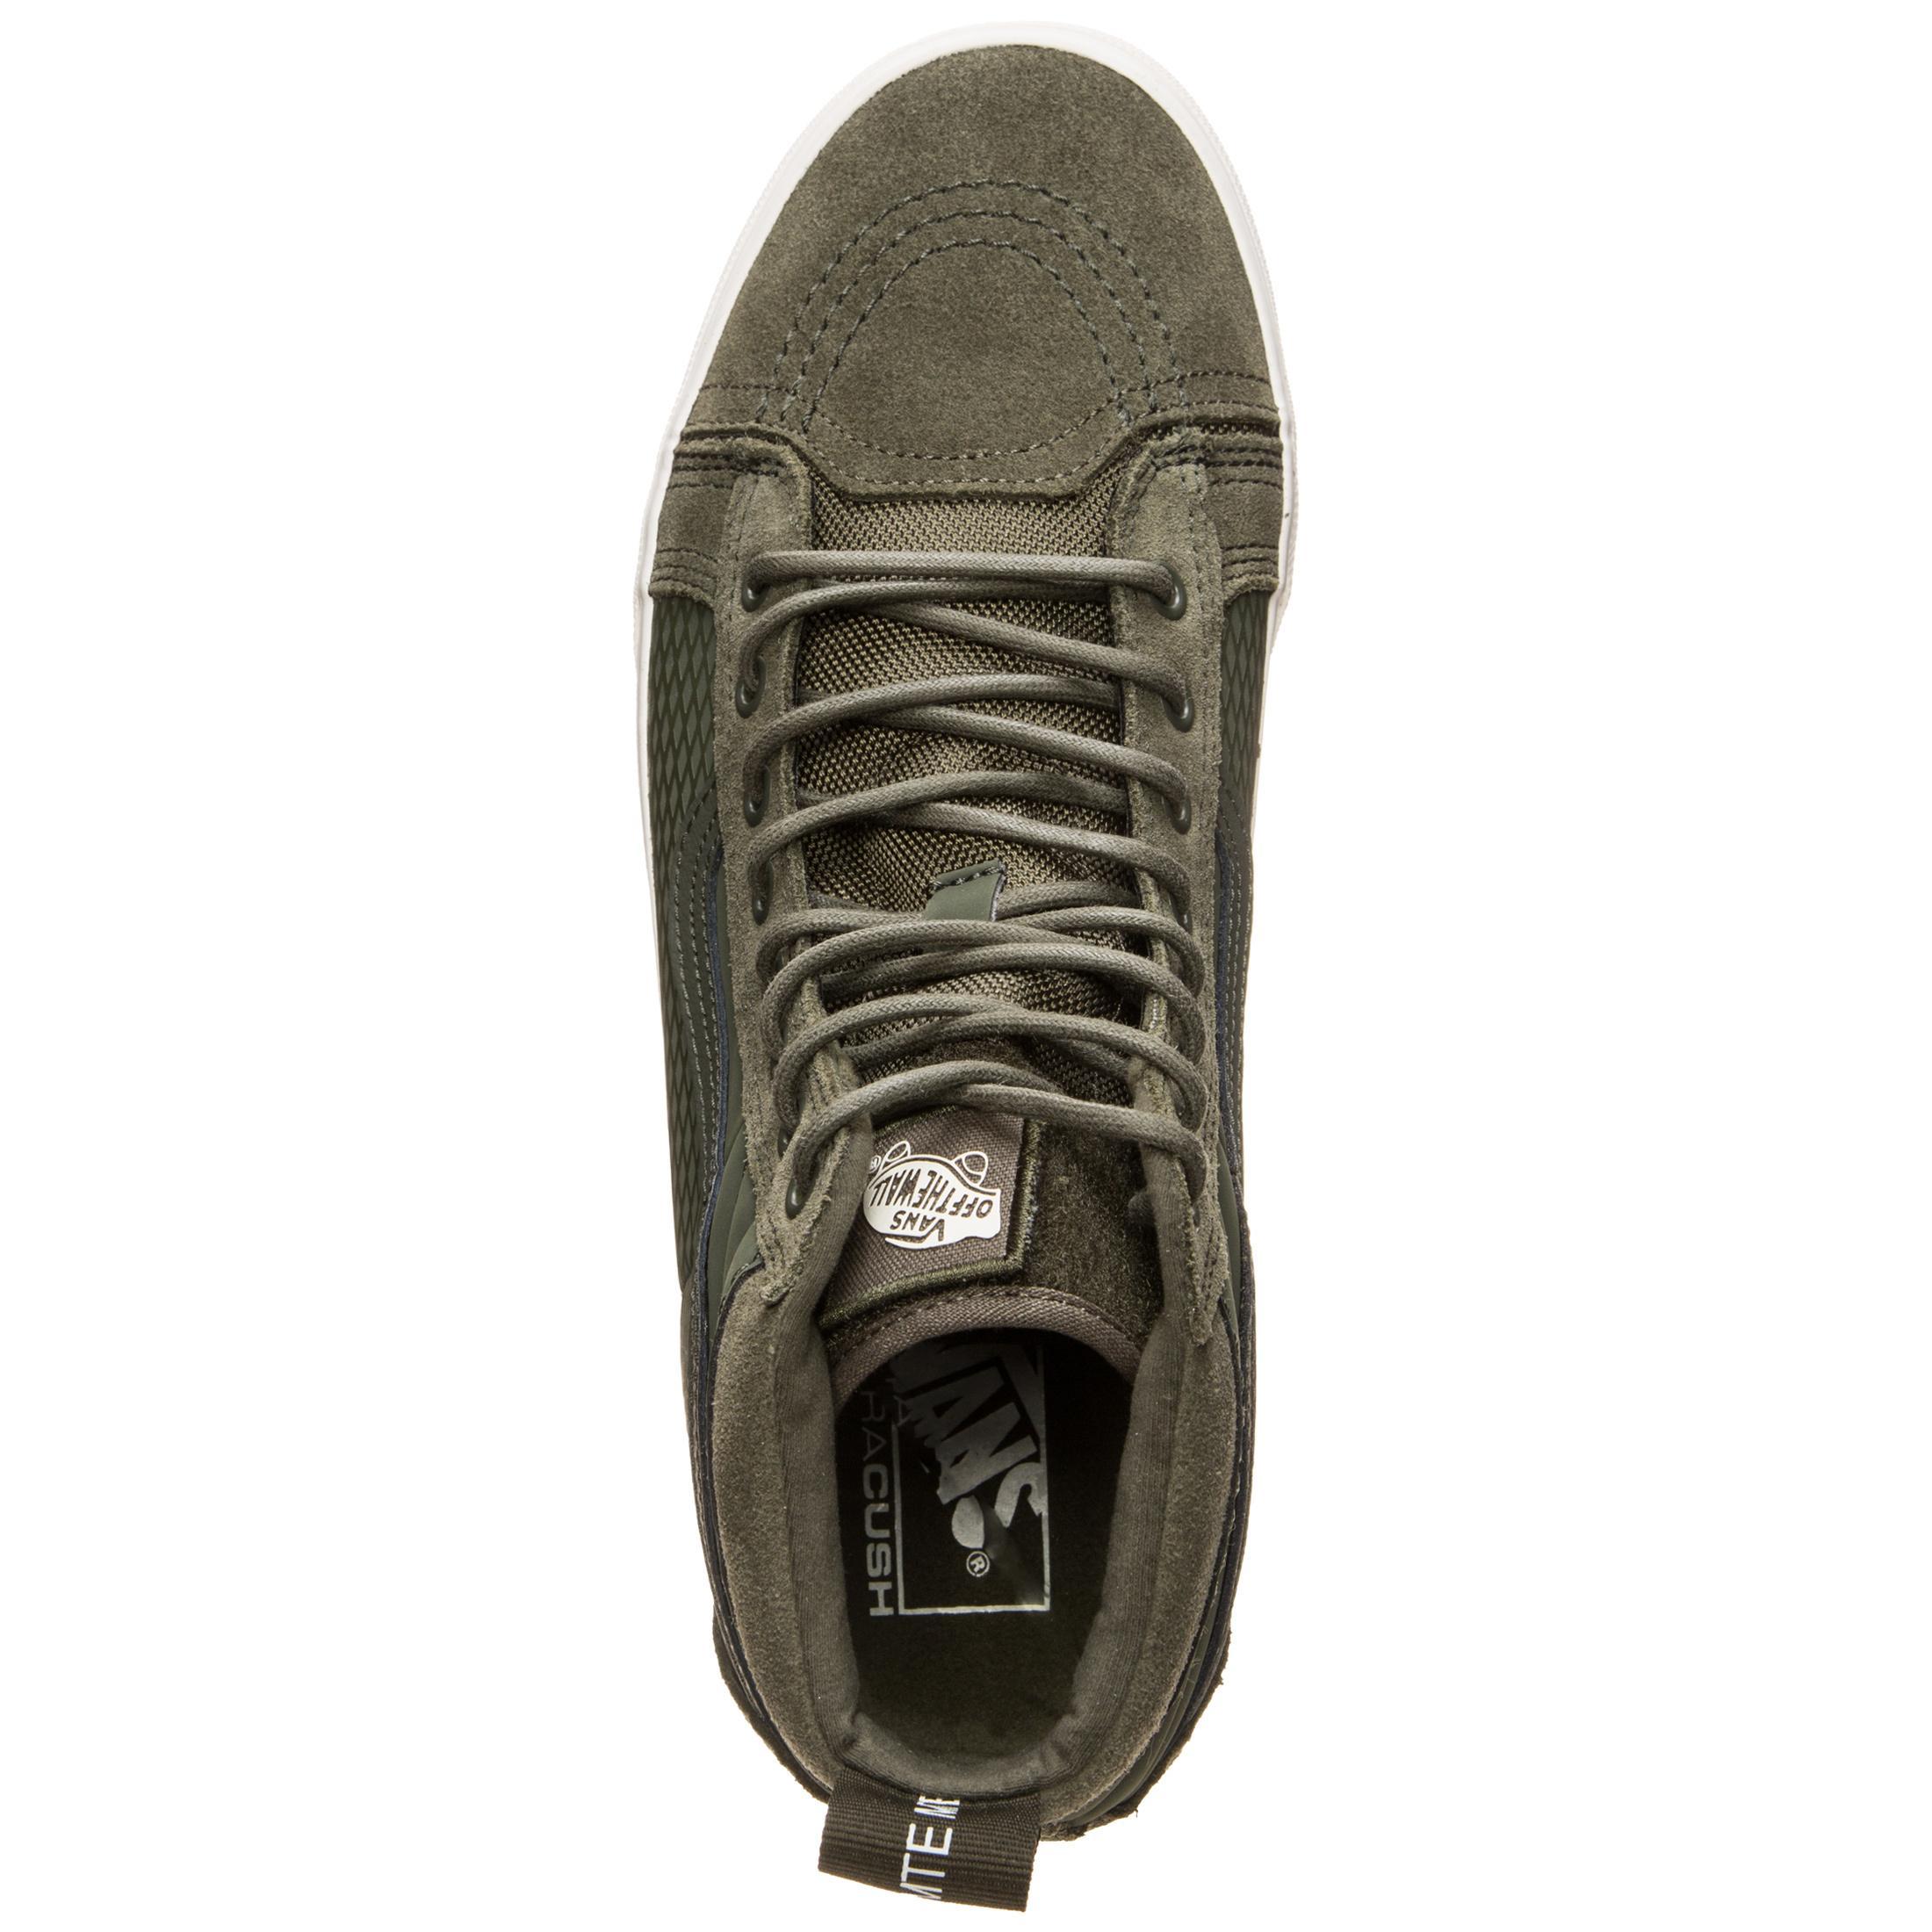 Vans Sk8-Hi 46 MTE DX Sneaker oliv im im im Online Shop von SportScheck kaufen Gute Qualität beliebte Schuhe 33d5a0